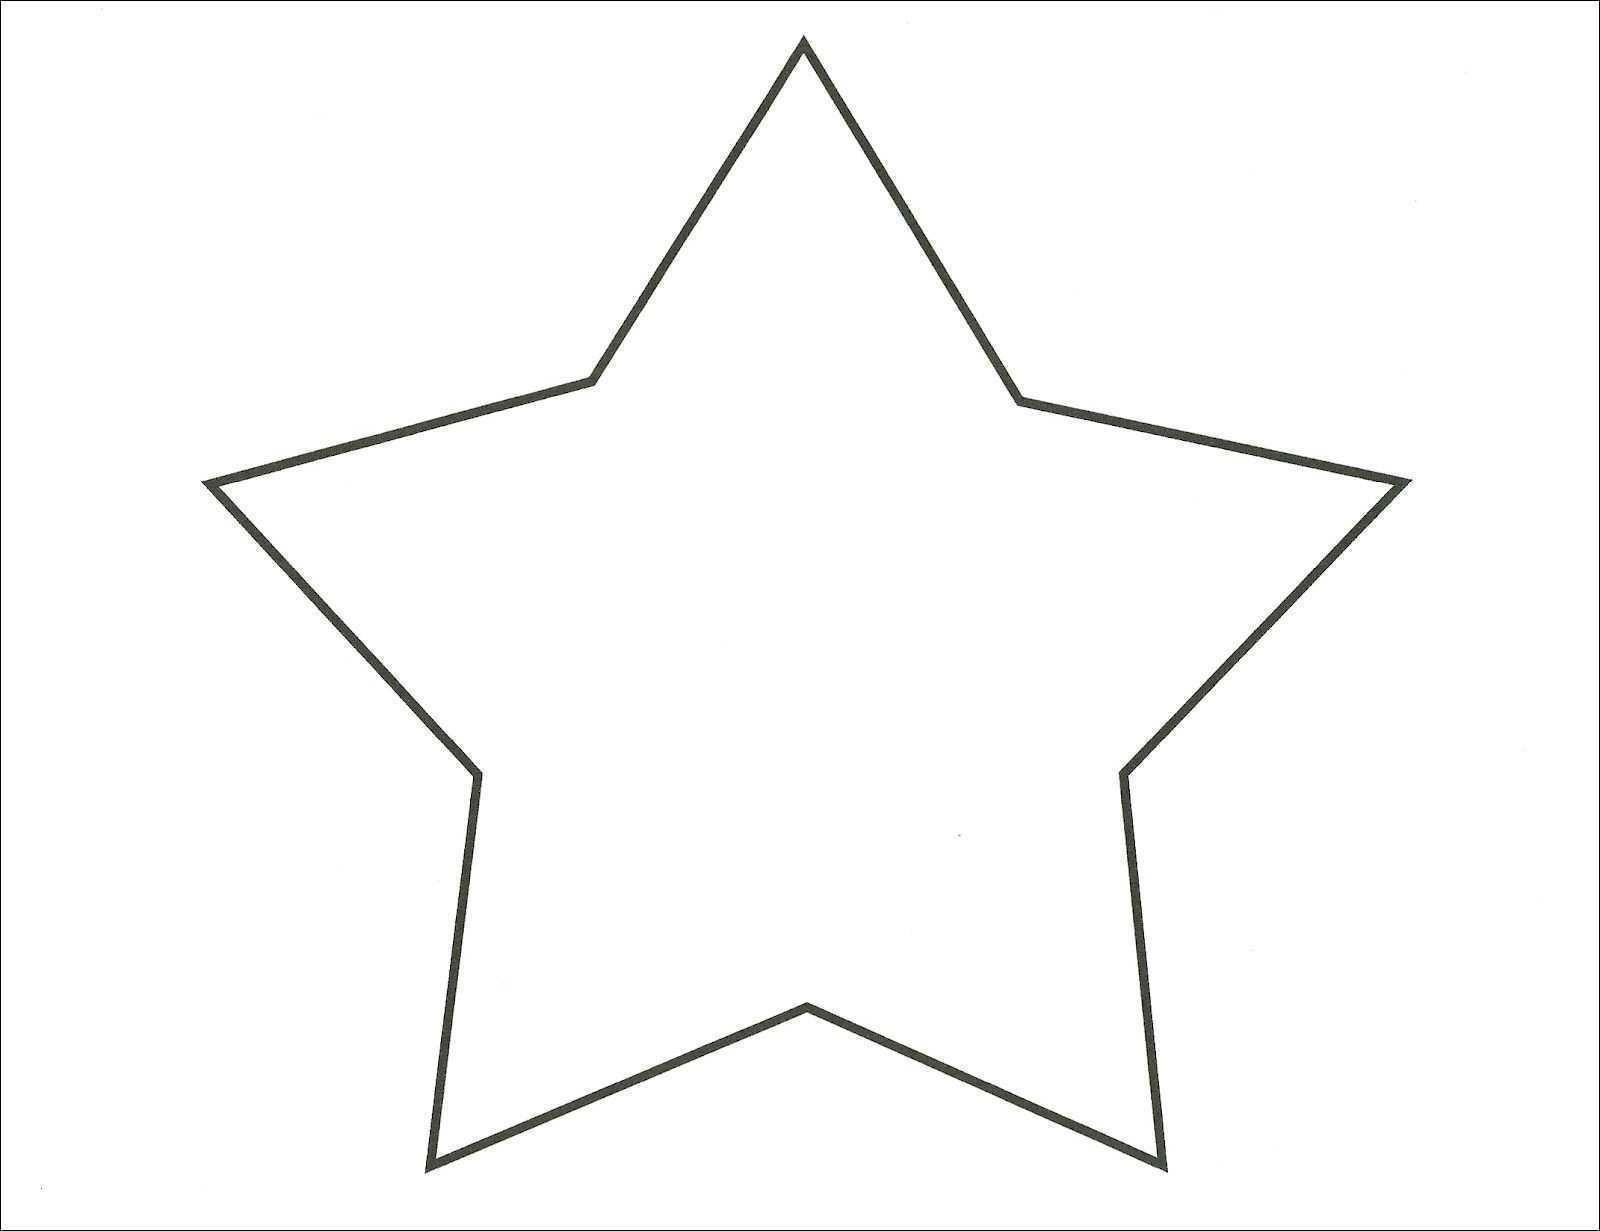 Ausmalbilder Sterne Neu Ausmalbilder Pokemon sonne Und Mond sonne Mond Sterne Zum Ausmalen Bild